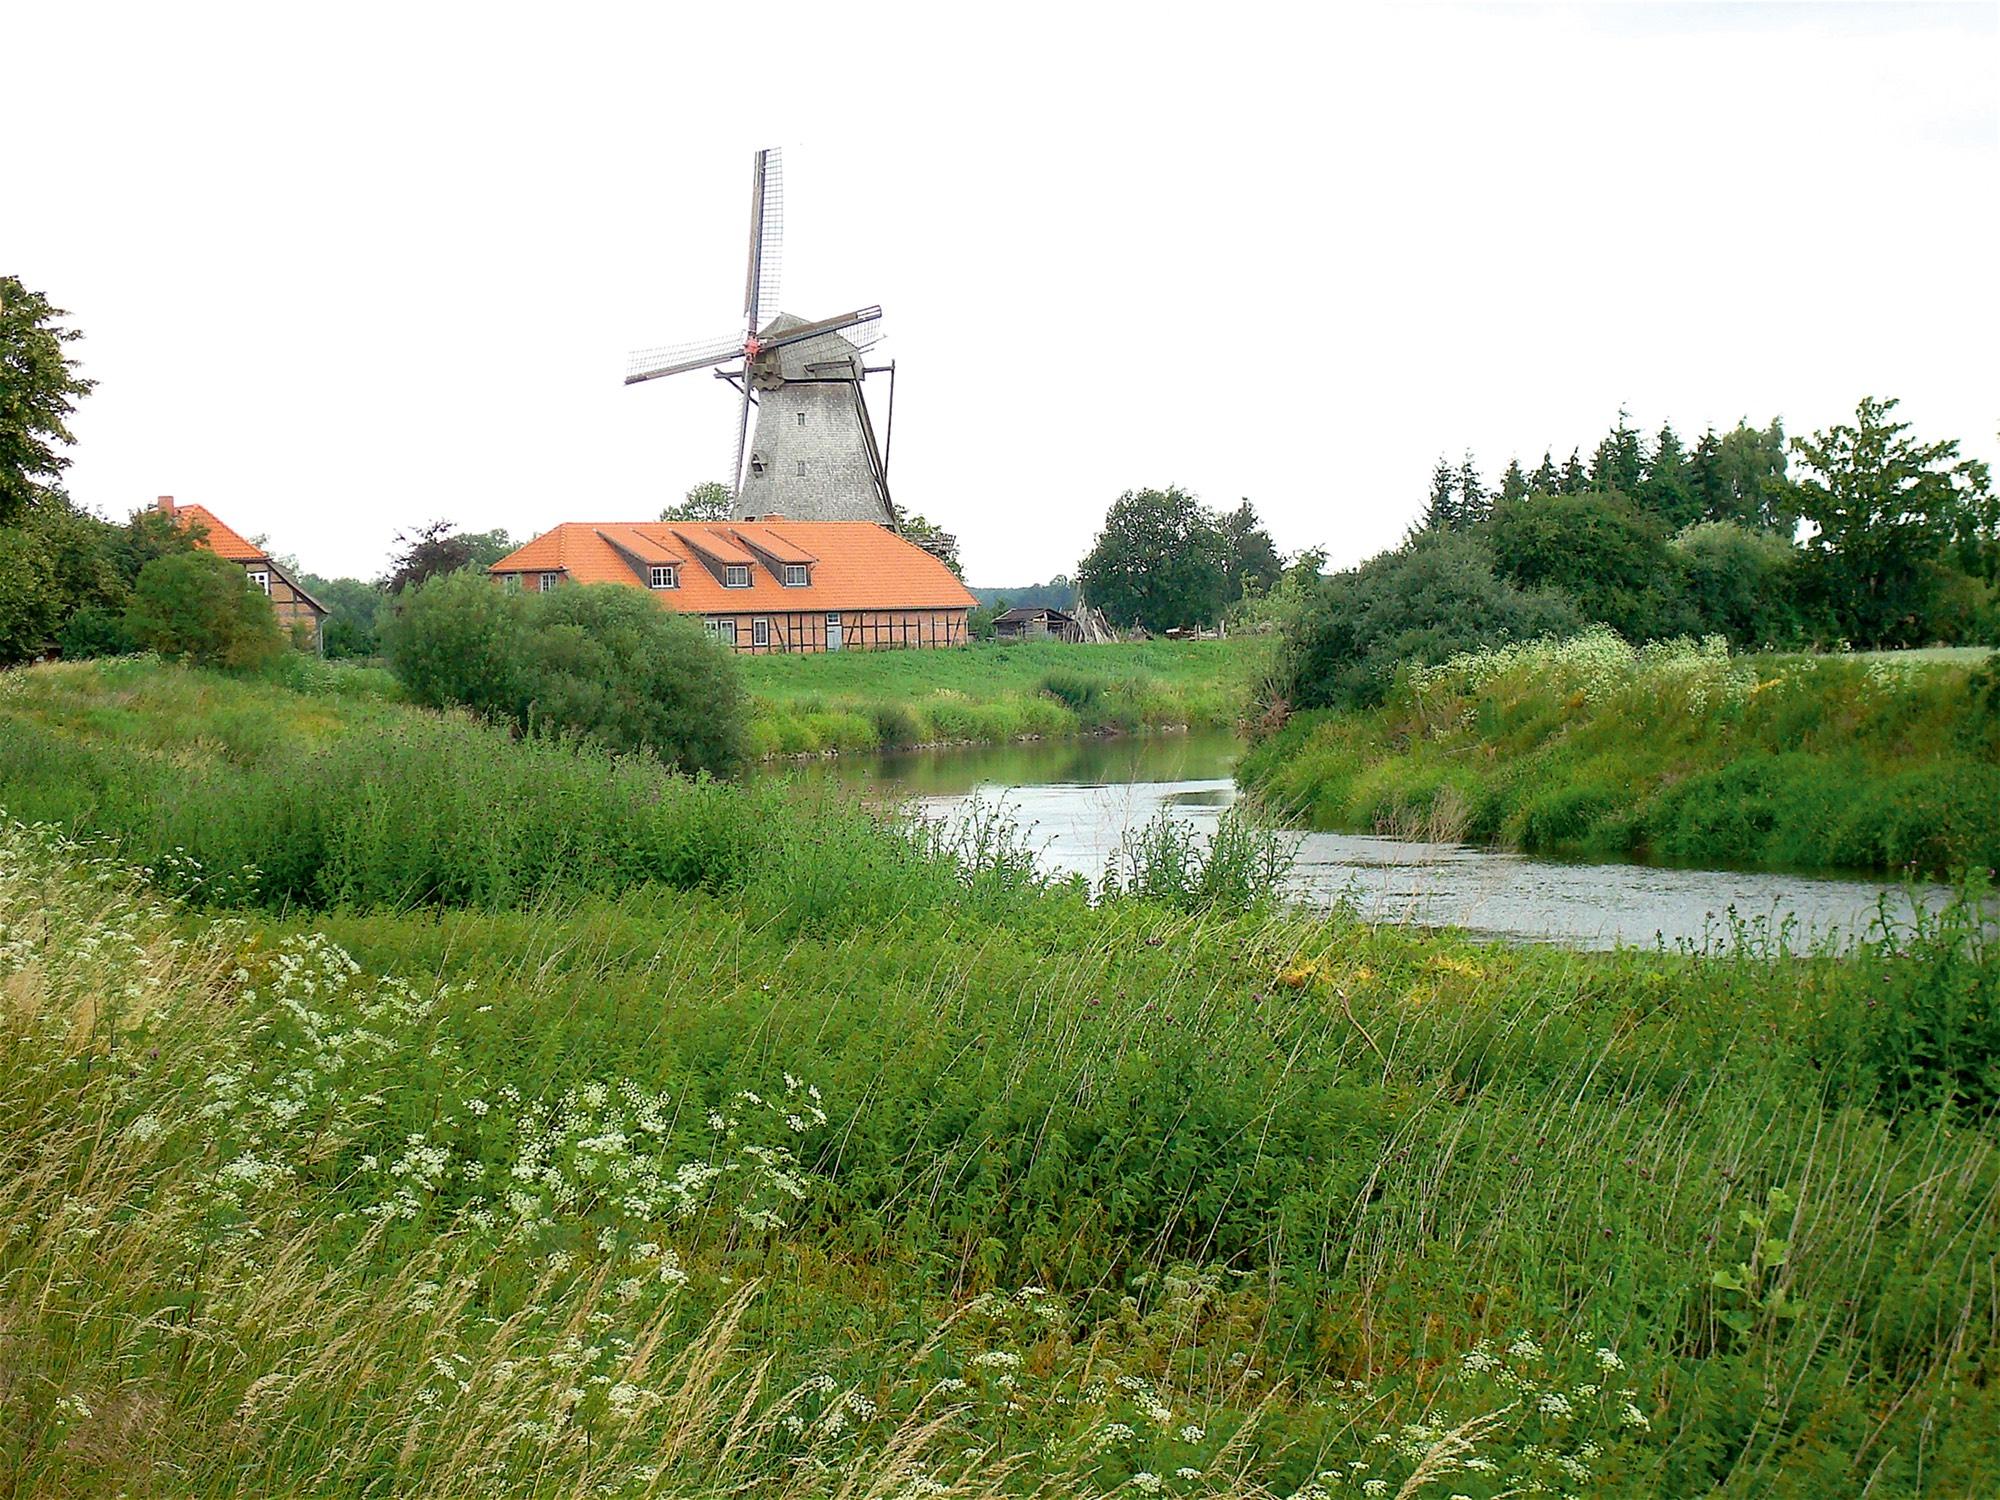 Voll funktionstüchtige Holländerwindmühle in Bothmer.